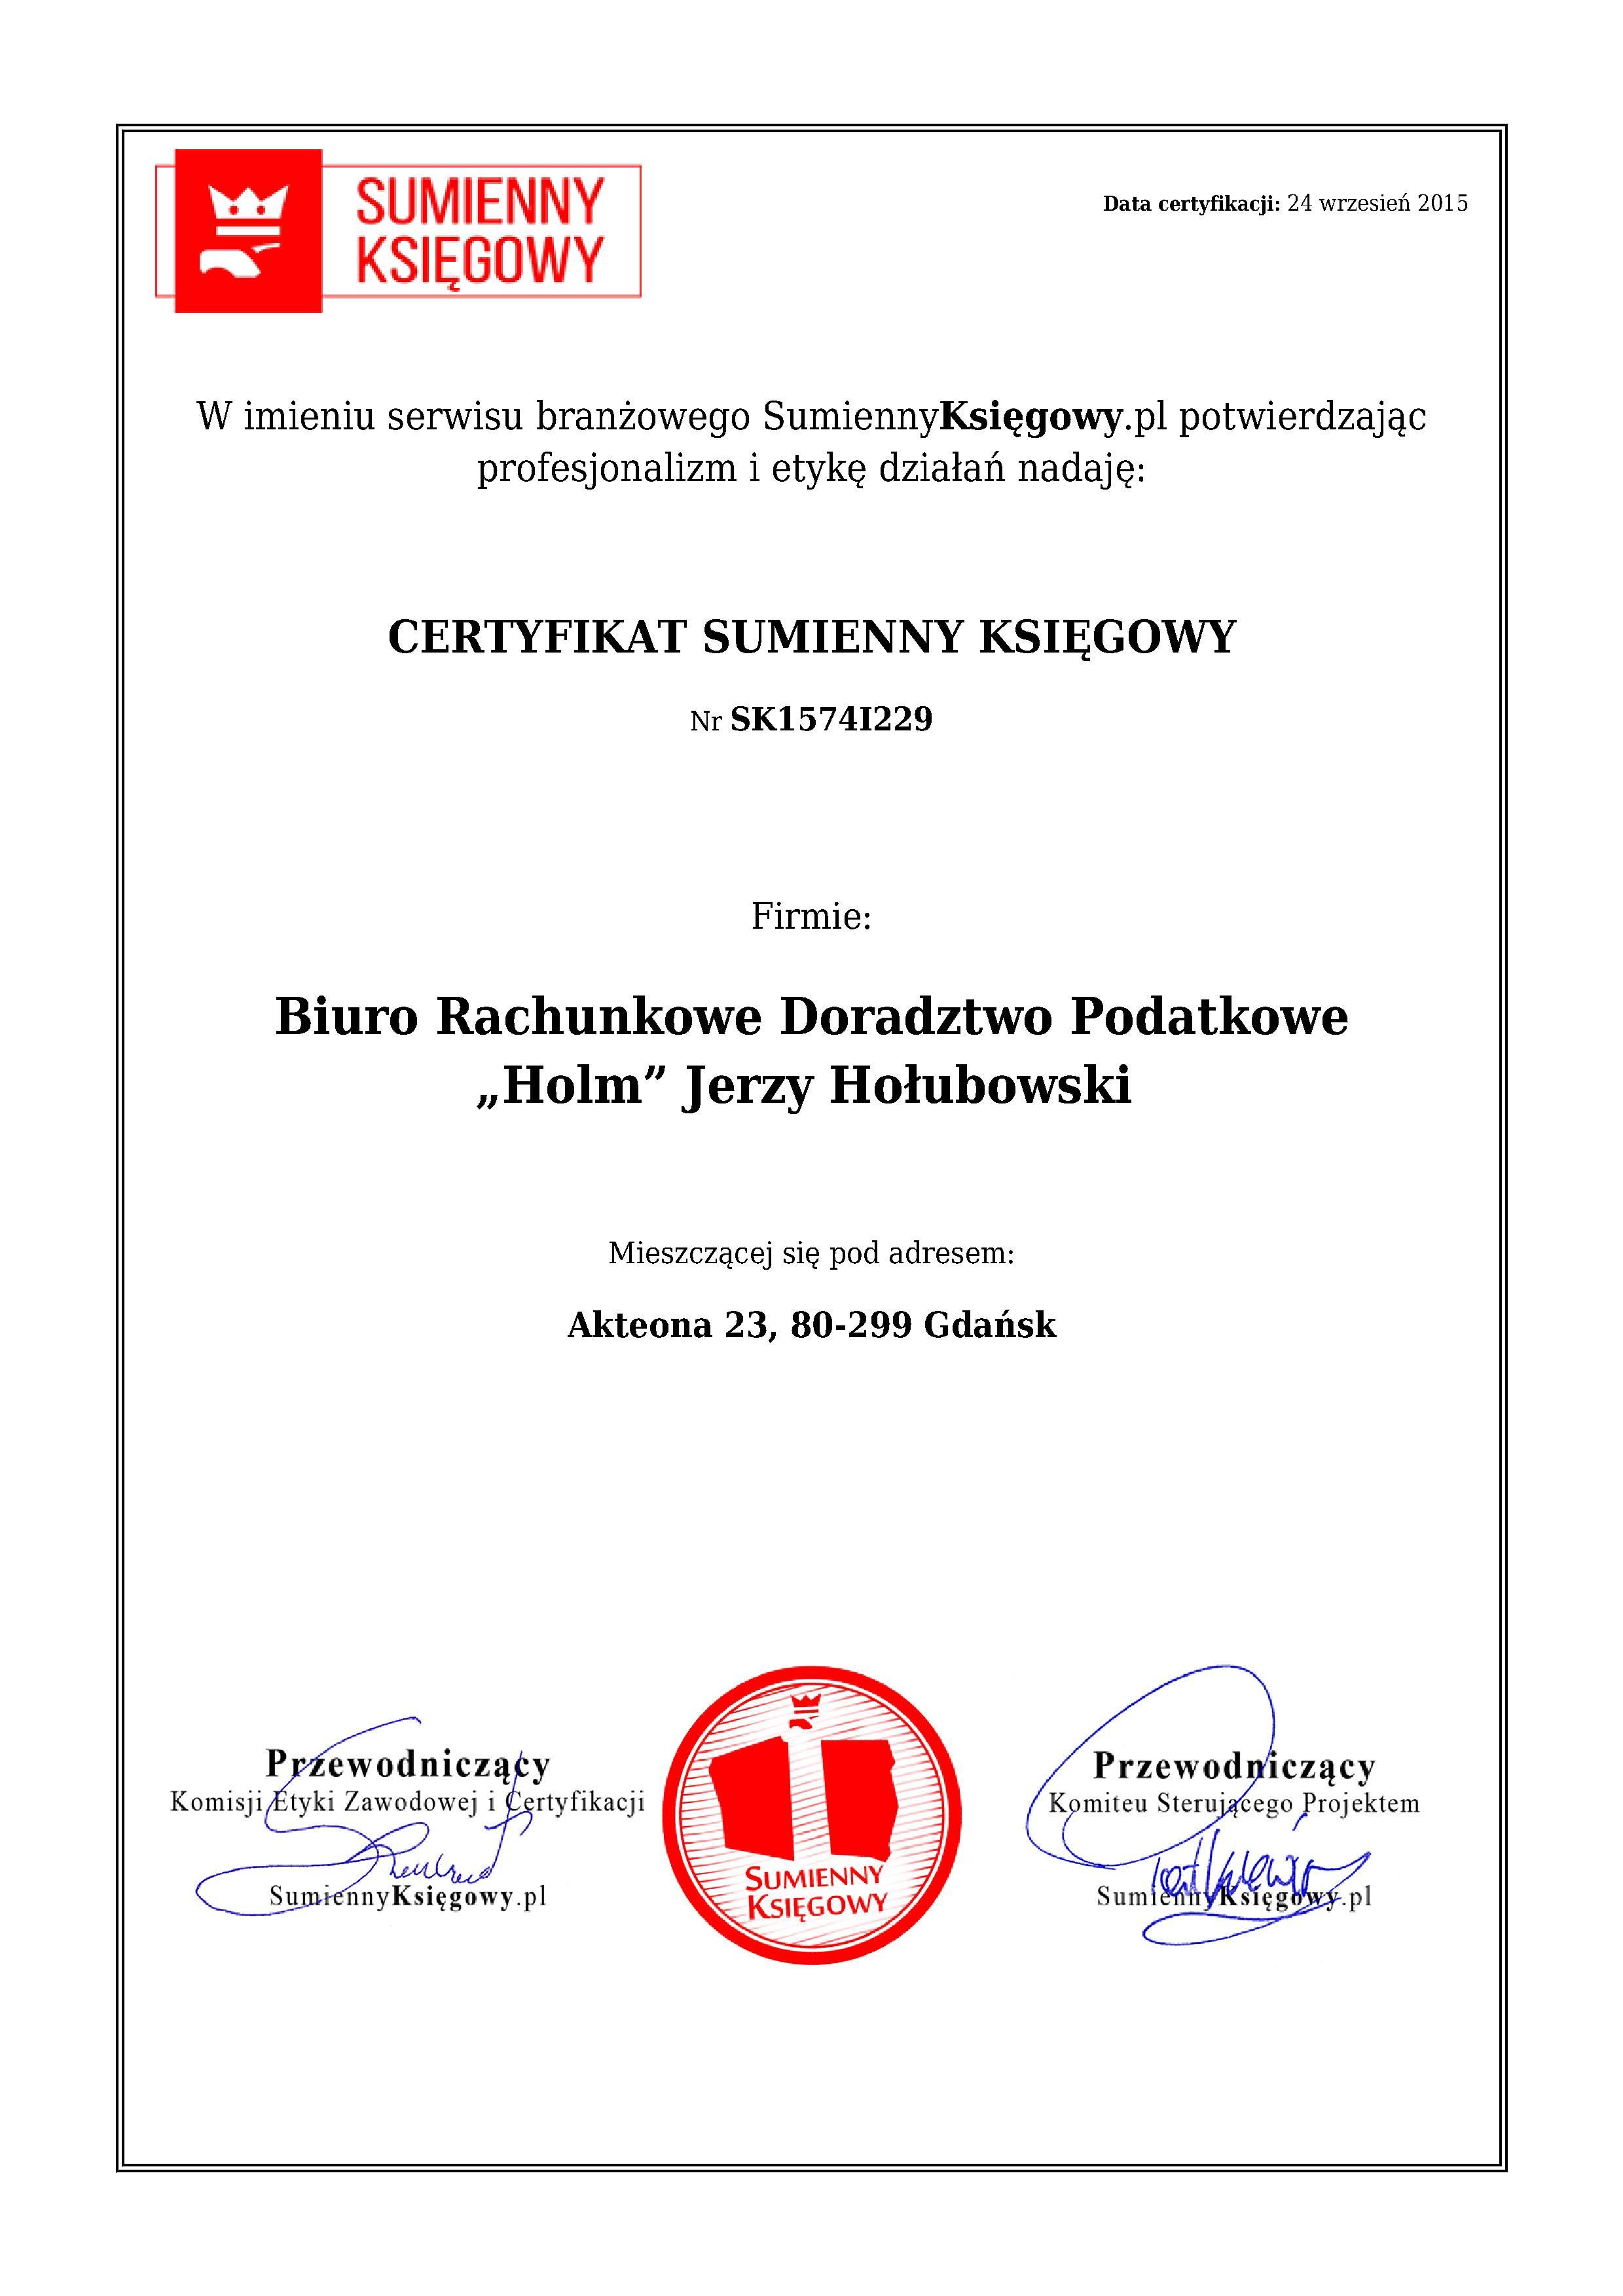 """Certyfikat Biuro Rachunkowe, Doradztwo Podatkowe """"Holm"""" Jerzy Hołubowski"""